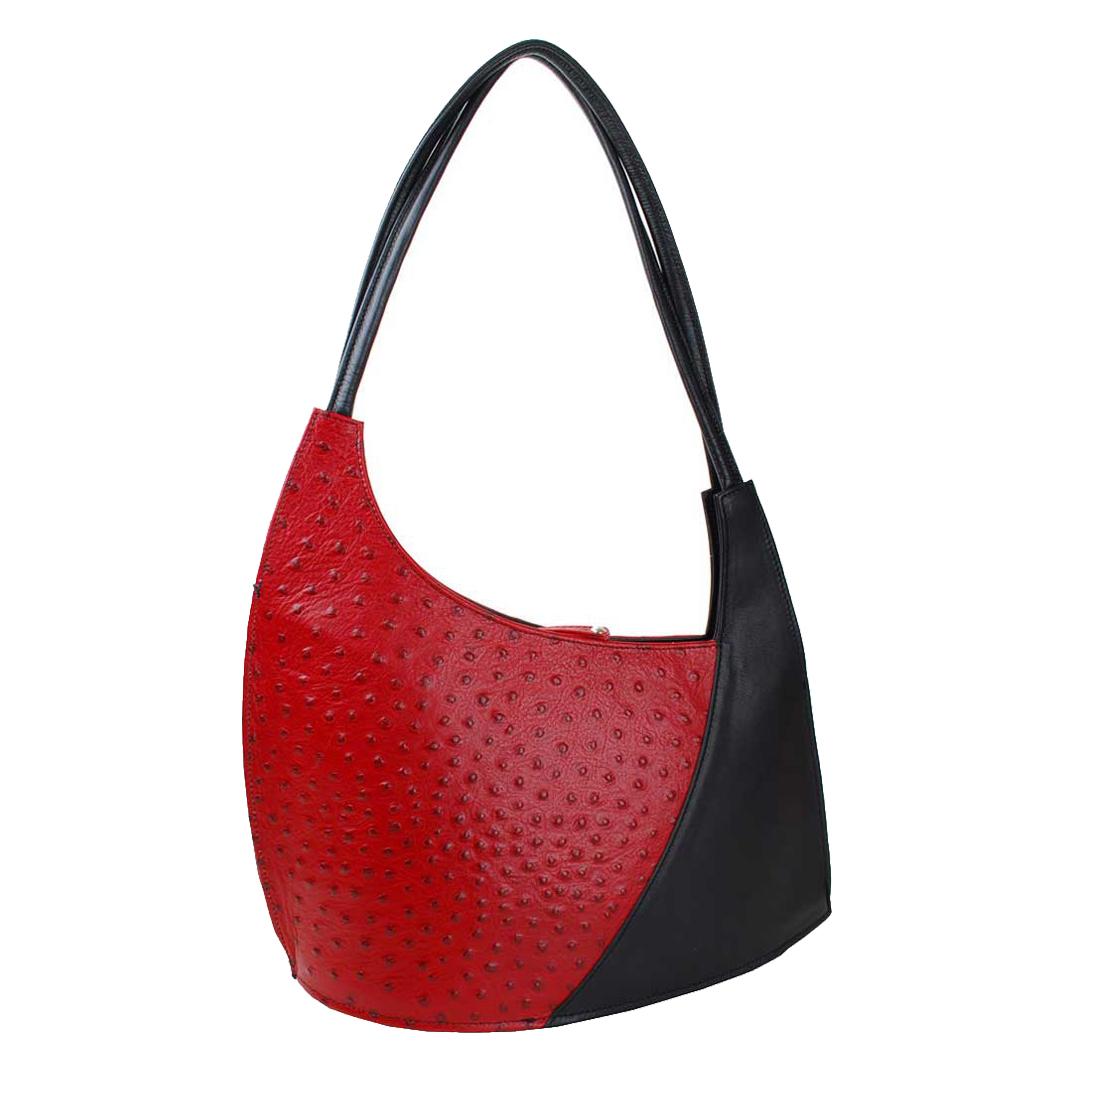 Scoop Red Black Leather Shoulder Bag